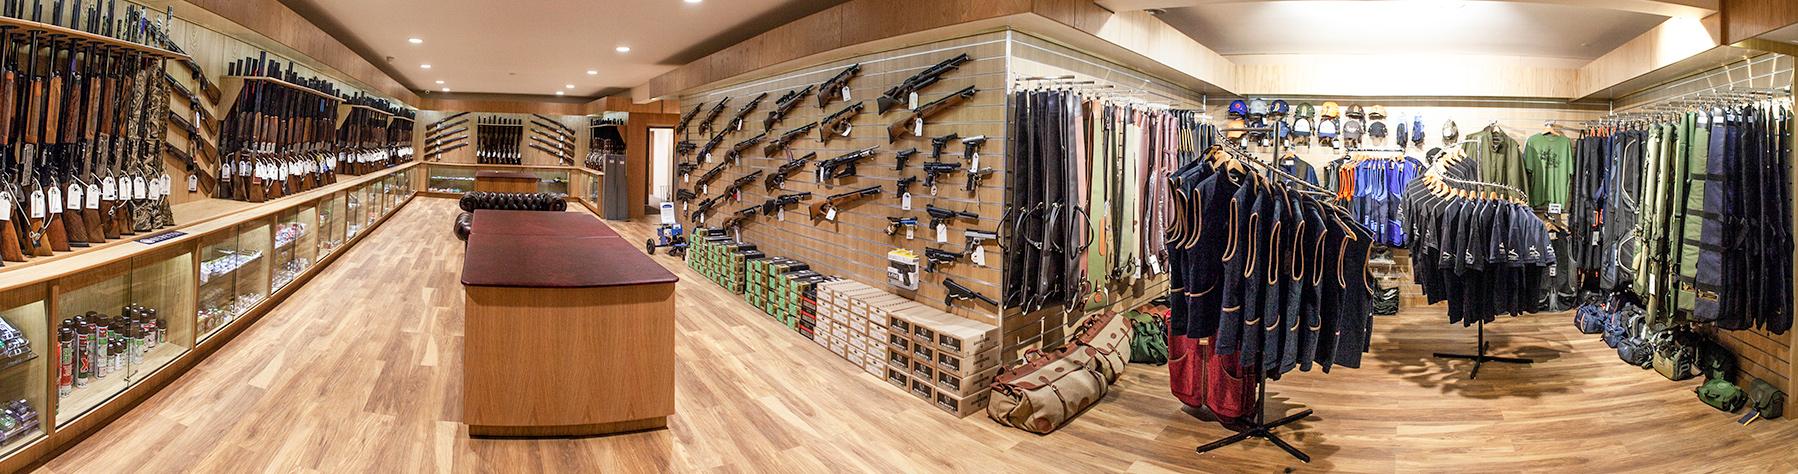 Mendip Gun Shop